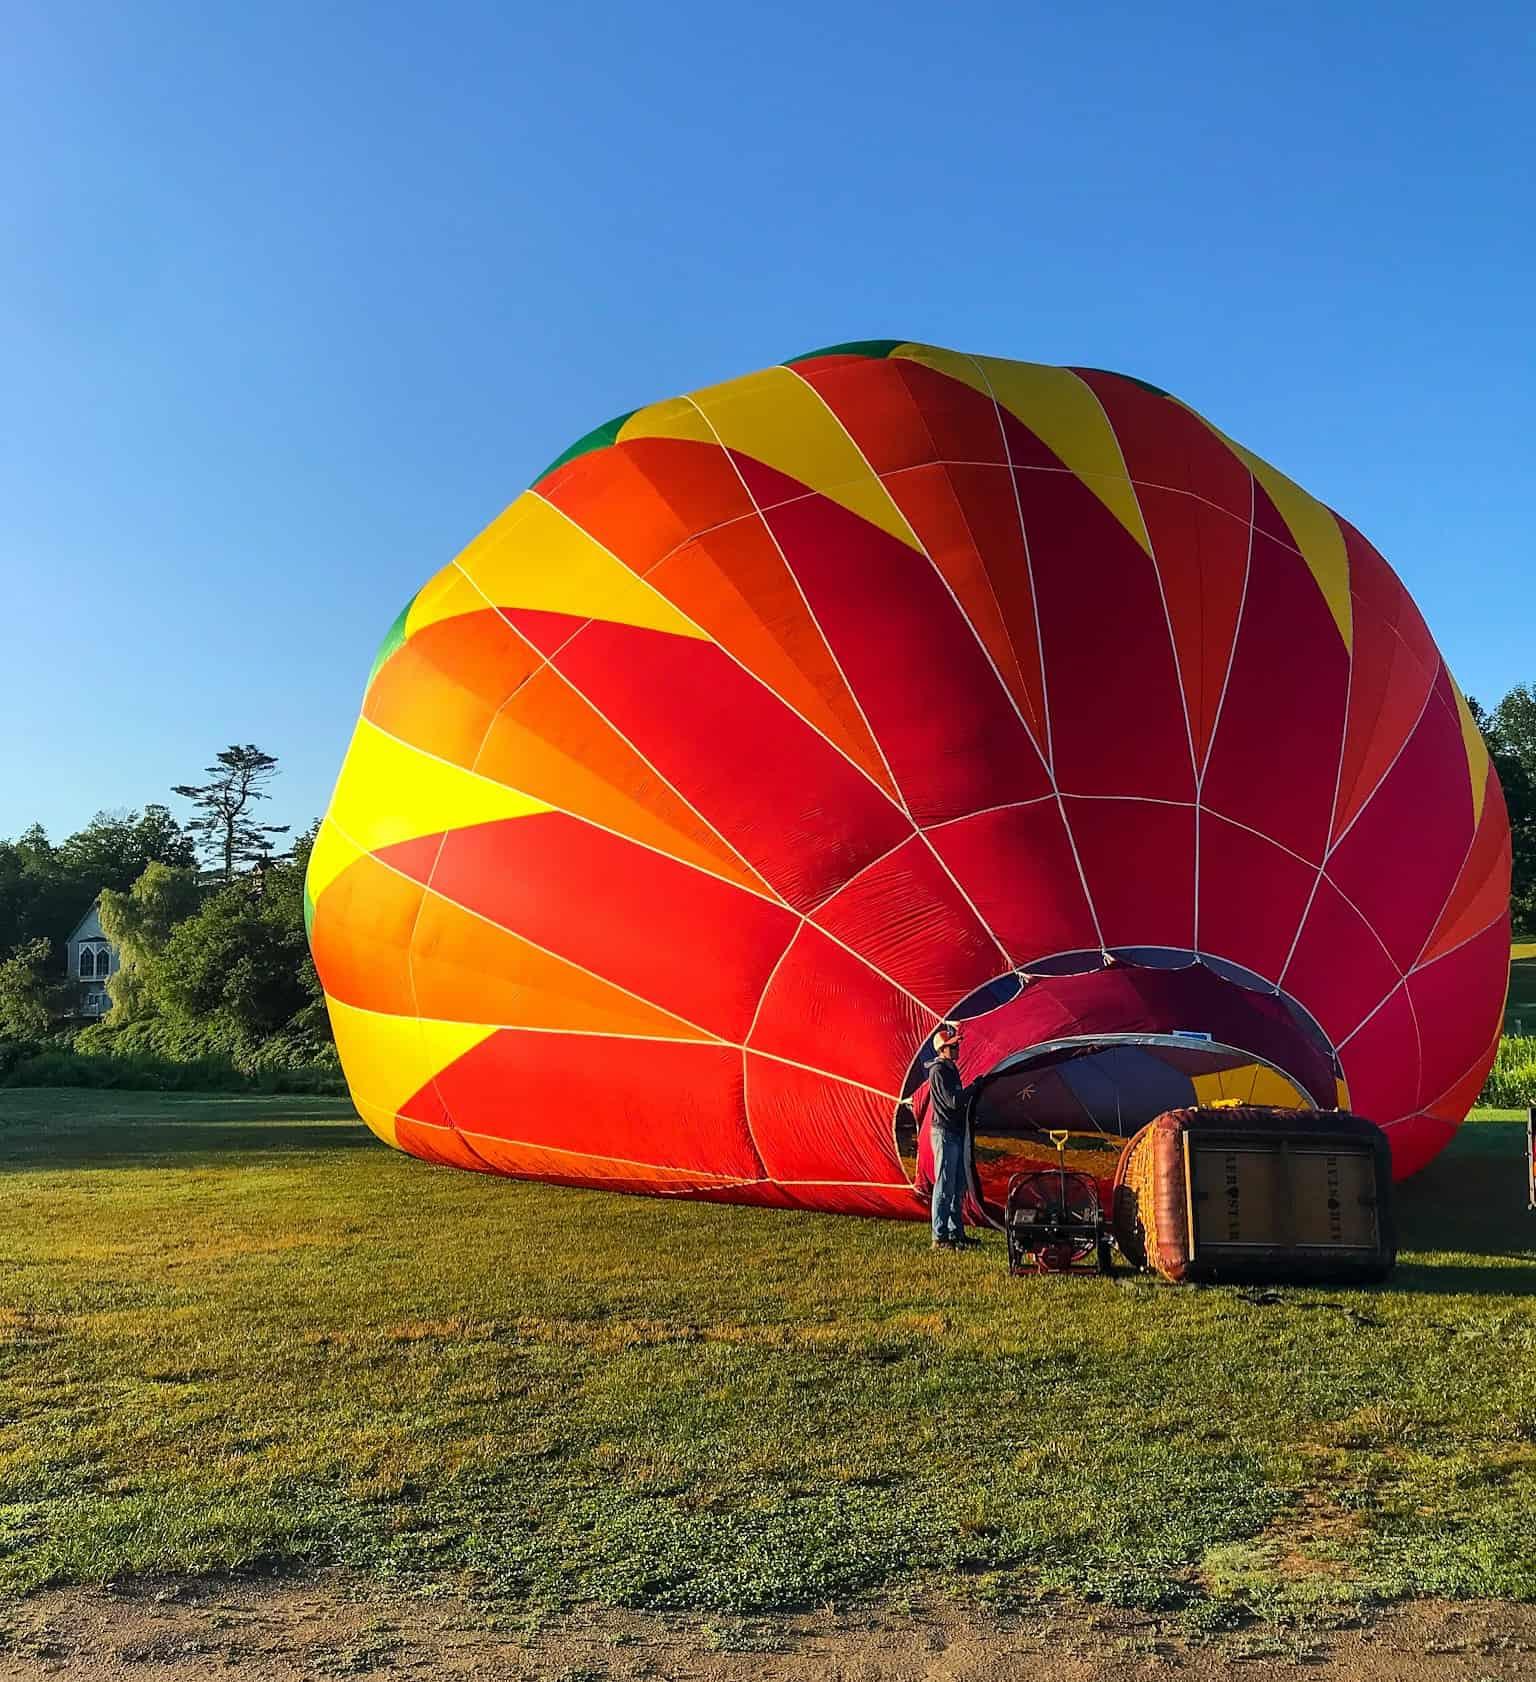 Hot Air Balloon in Quechee, VT